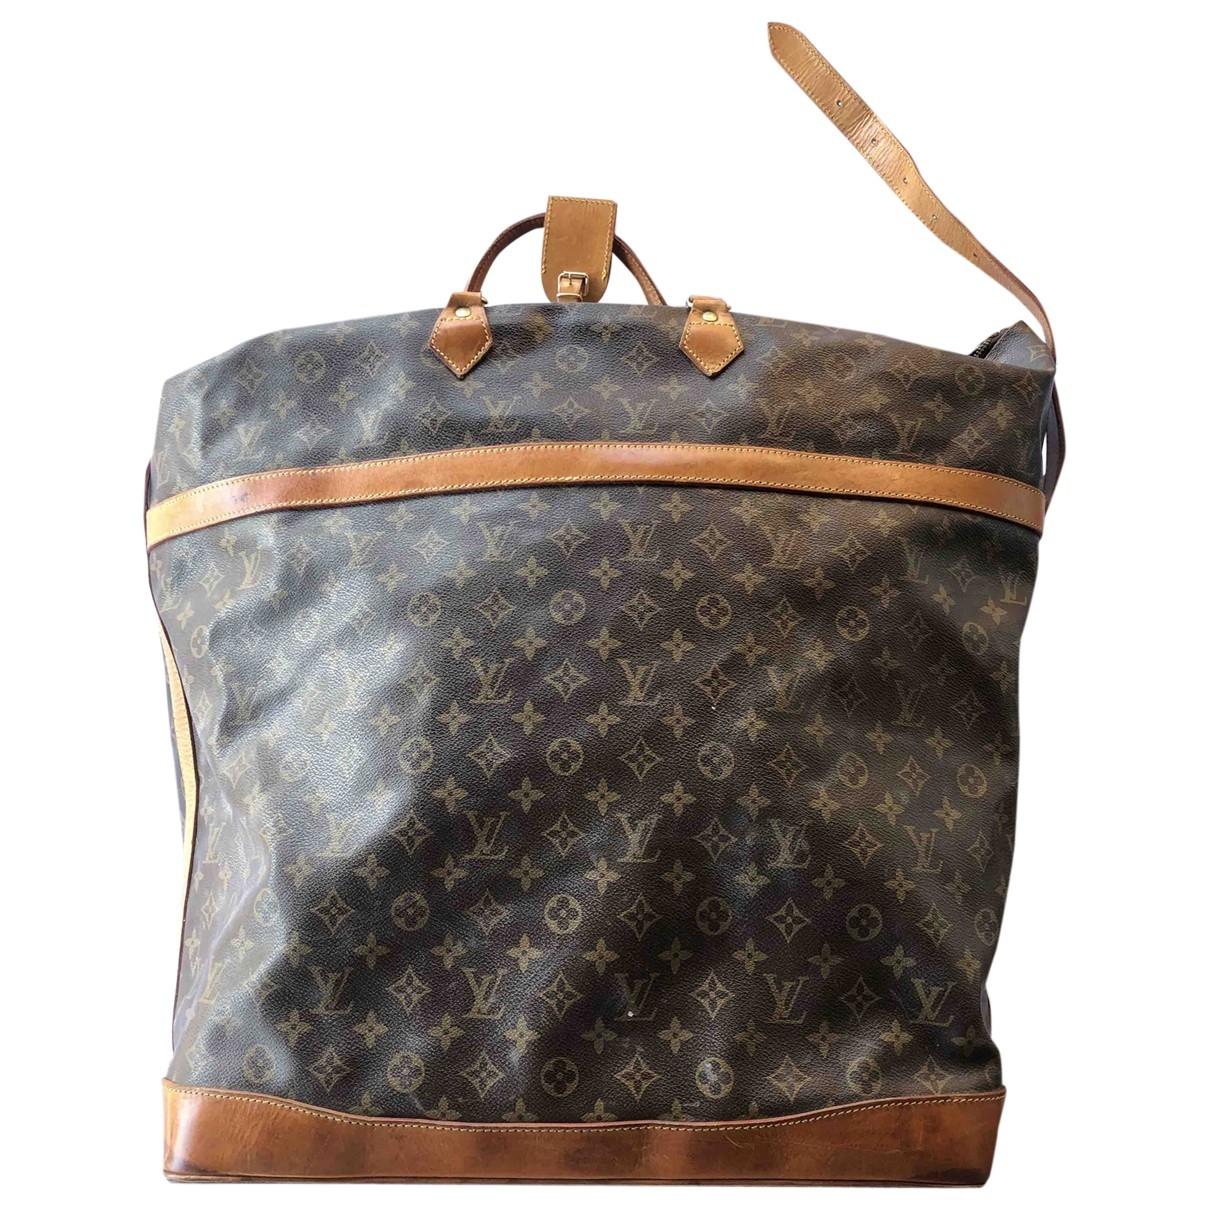 Louis Vuitton Cruiser Reisetasche in Leinen